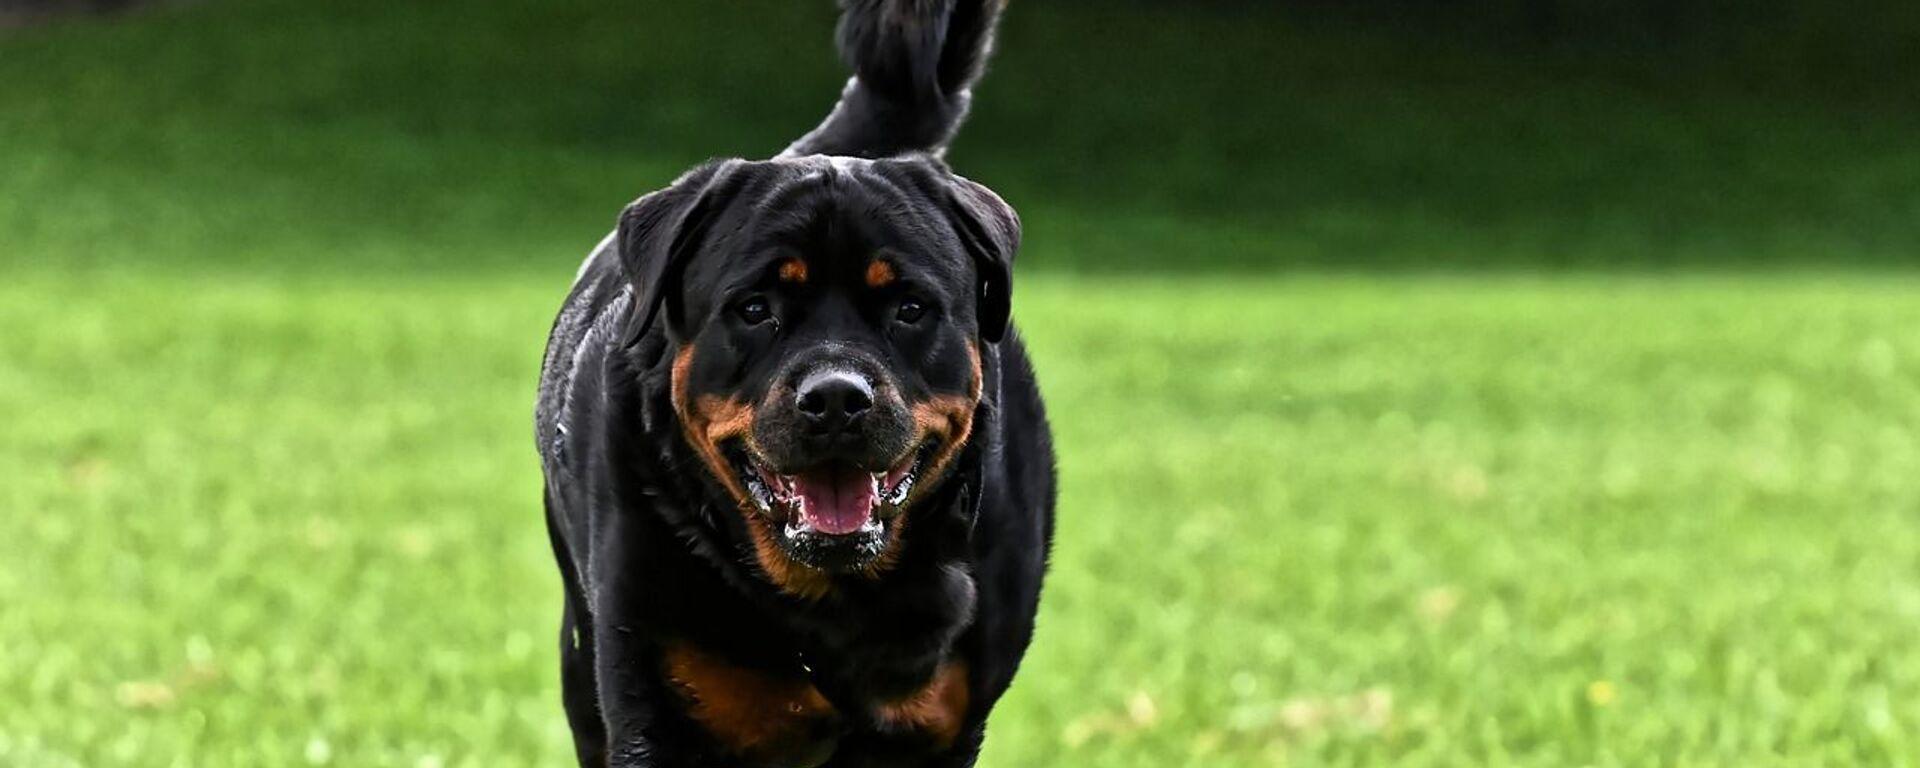 Σκύλος ροτβάιλερ - Sputnik Ελλάδα, 1920, 07.10.2021